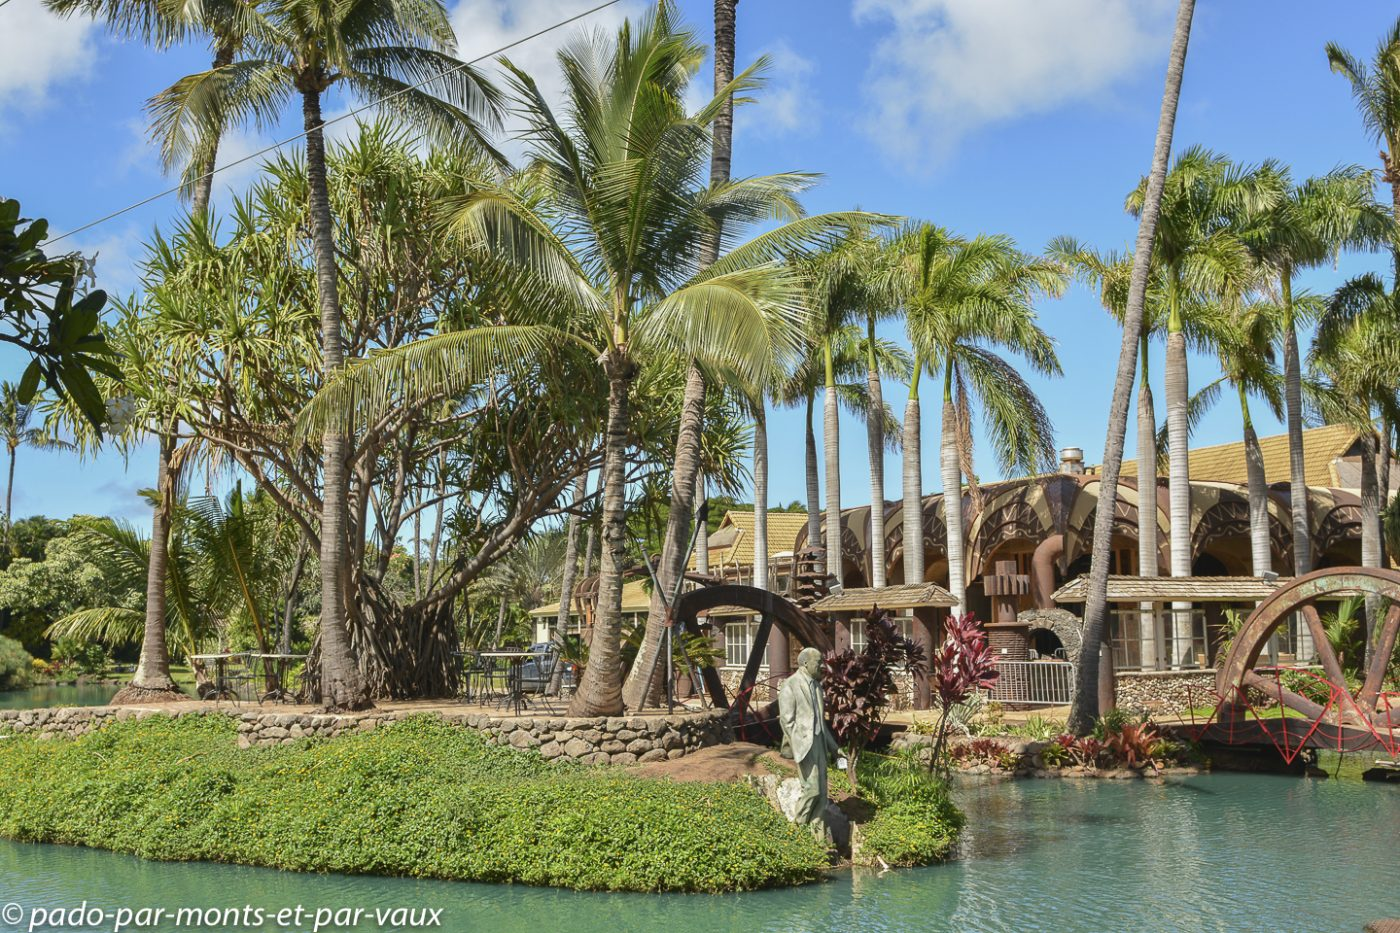 Maui - Maui tropical plantation